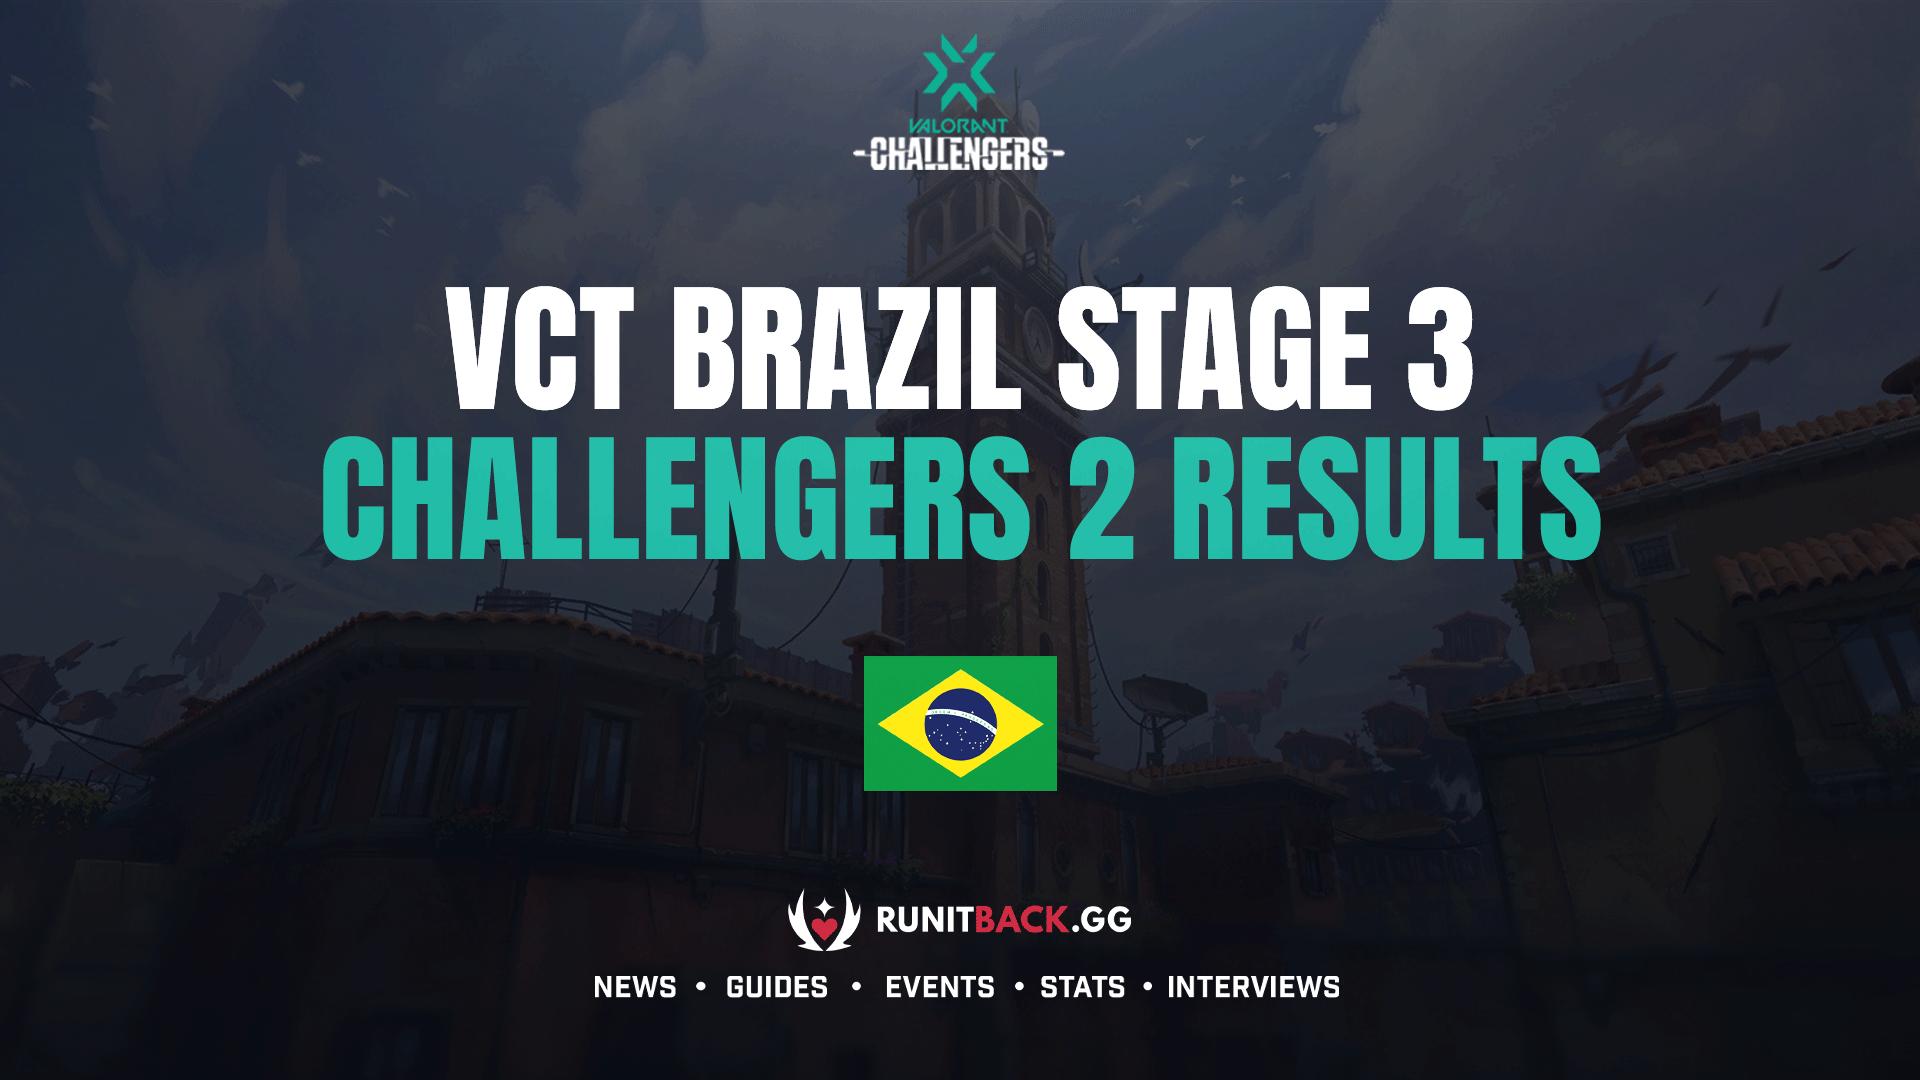 vct brazil stage 3